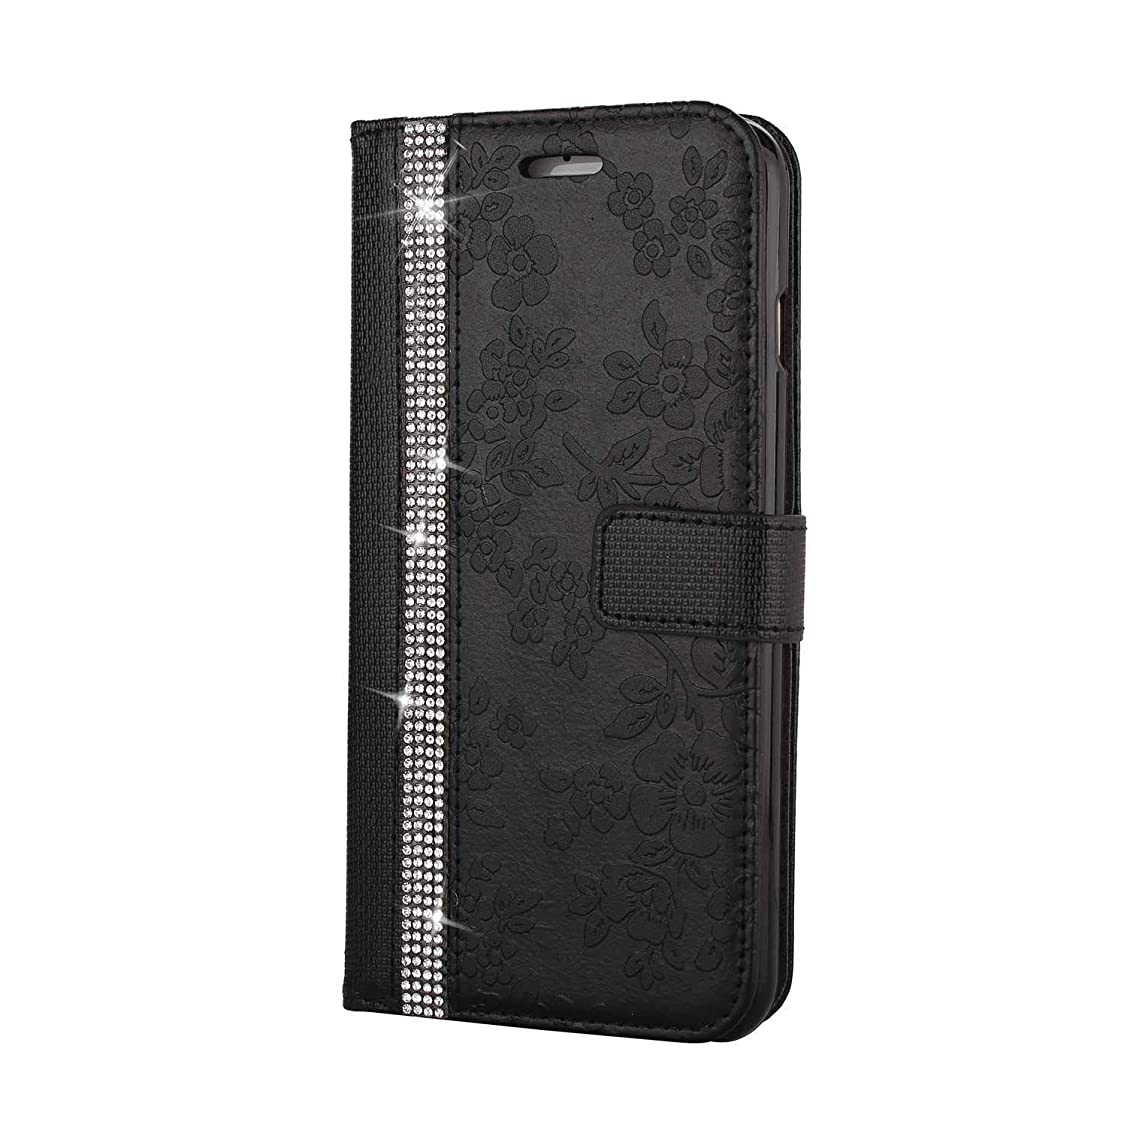 脅迫トライアスリート食物CUNUS iPhone 6 Plus/iPhone 6S Plus 用 ウォレット ケース, プレミアム PUレザー 全面保護 ケース 耐衝撃 スタンド機能 耐汚れ カード収納 カバー, ブラック